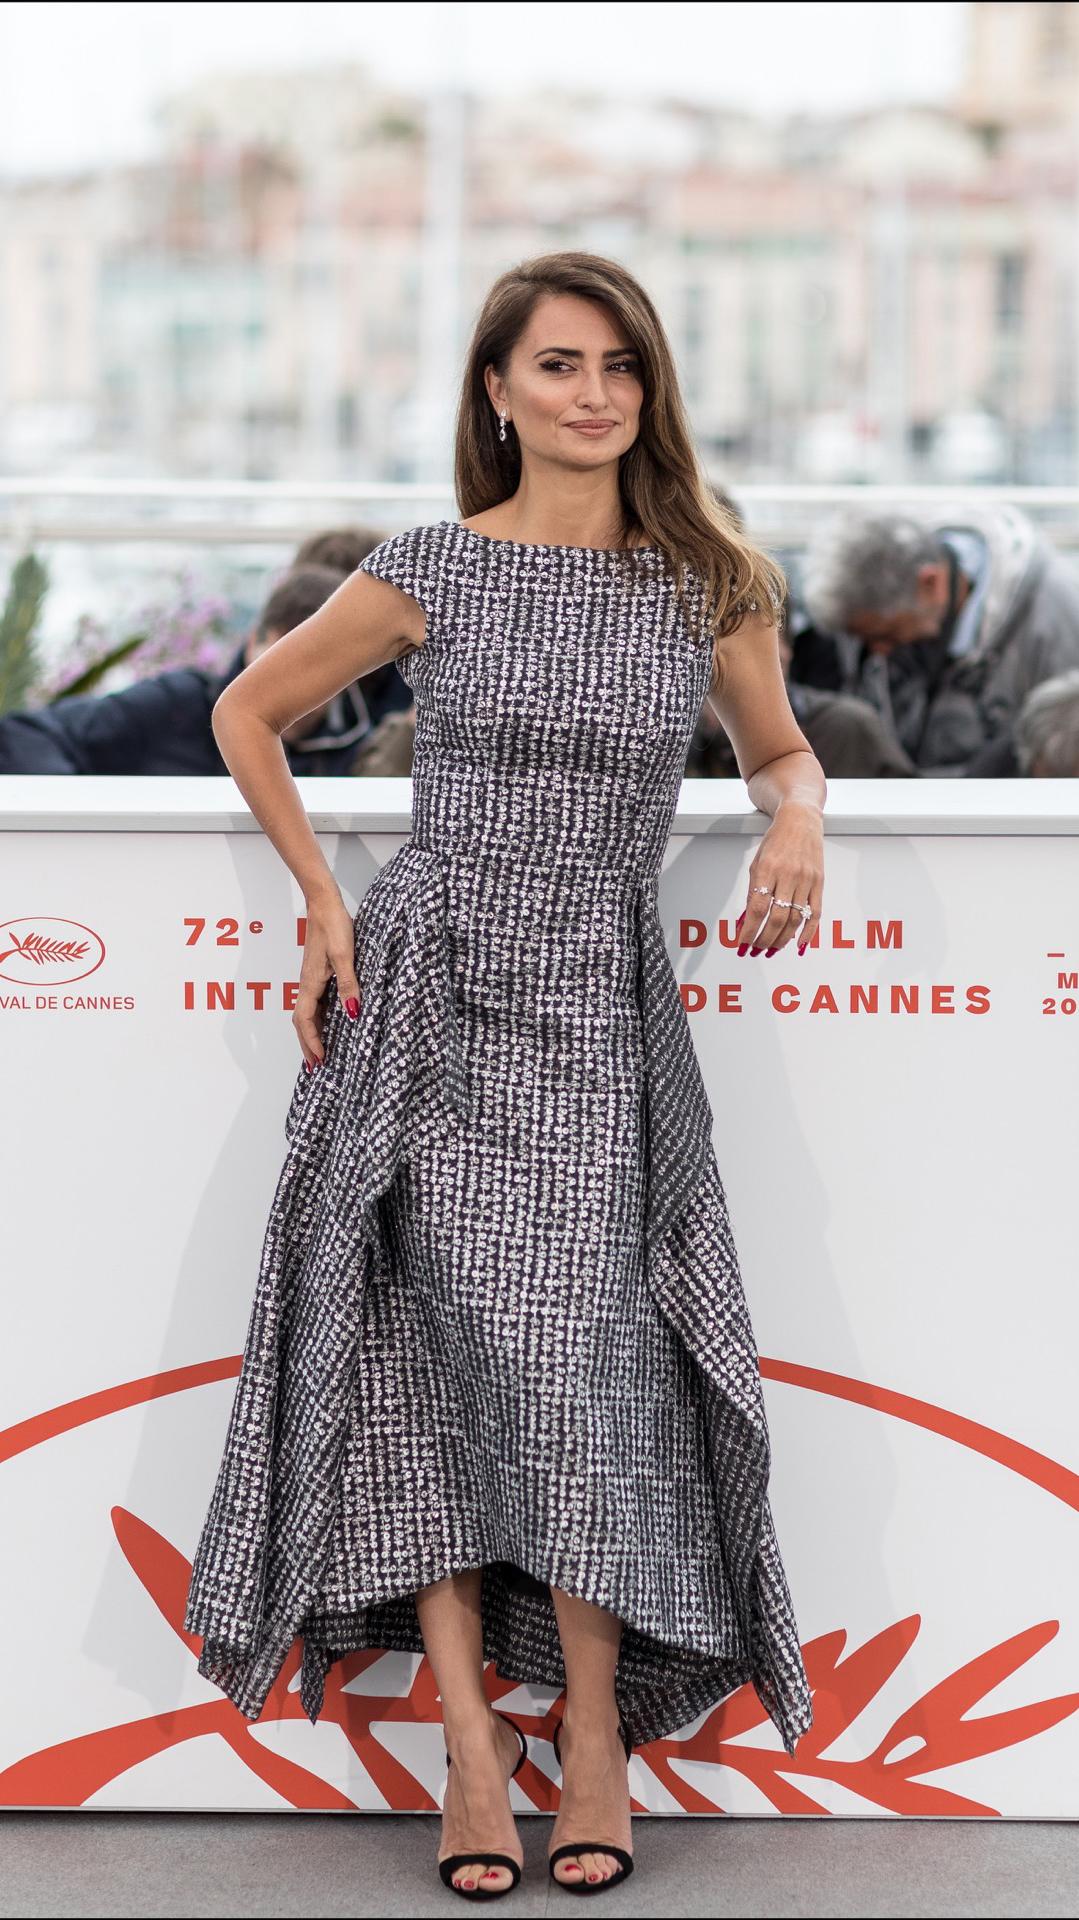 Penélope Cruz eligió otro vestido de Chanel. Muy chic.